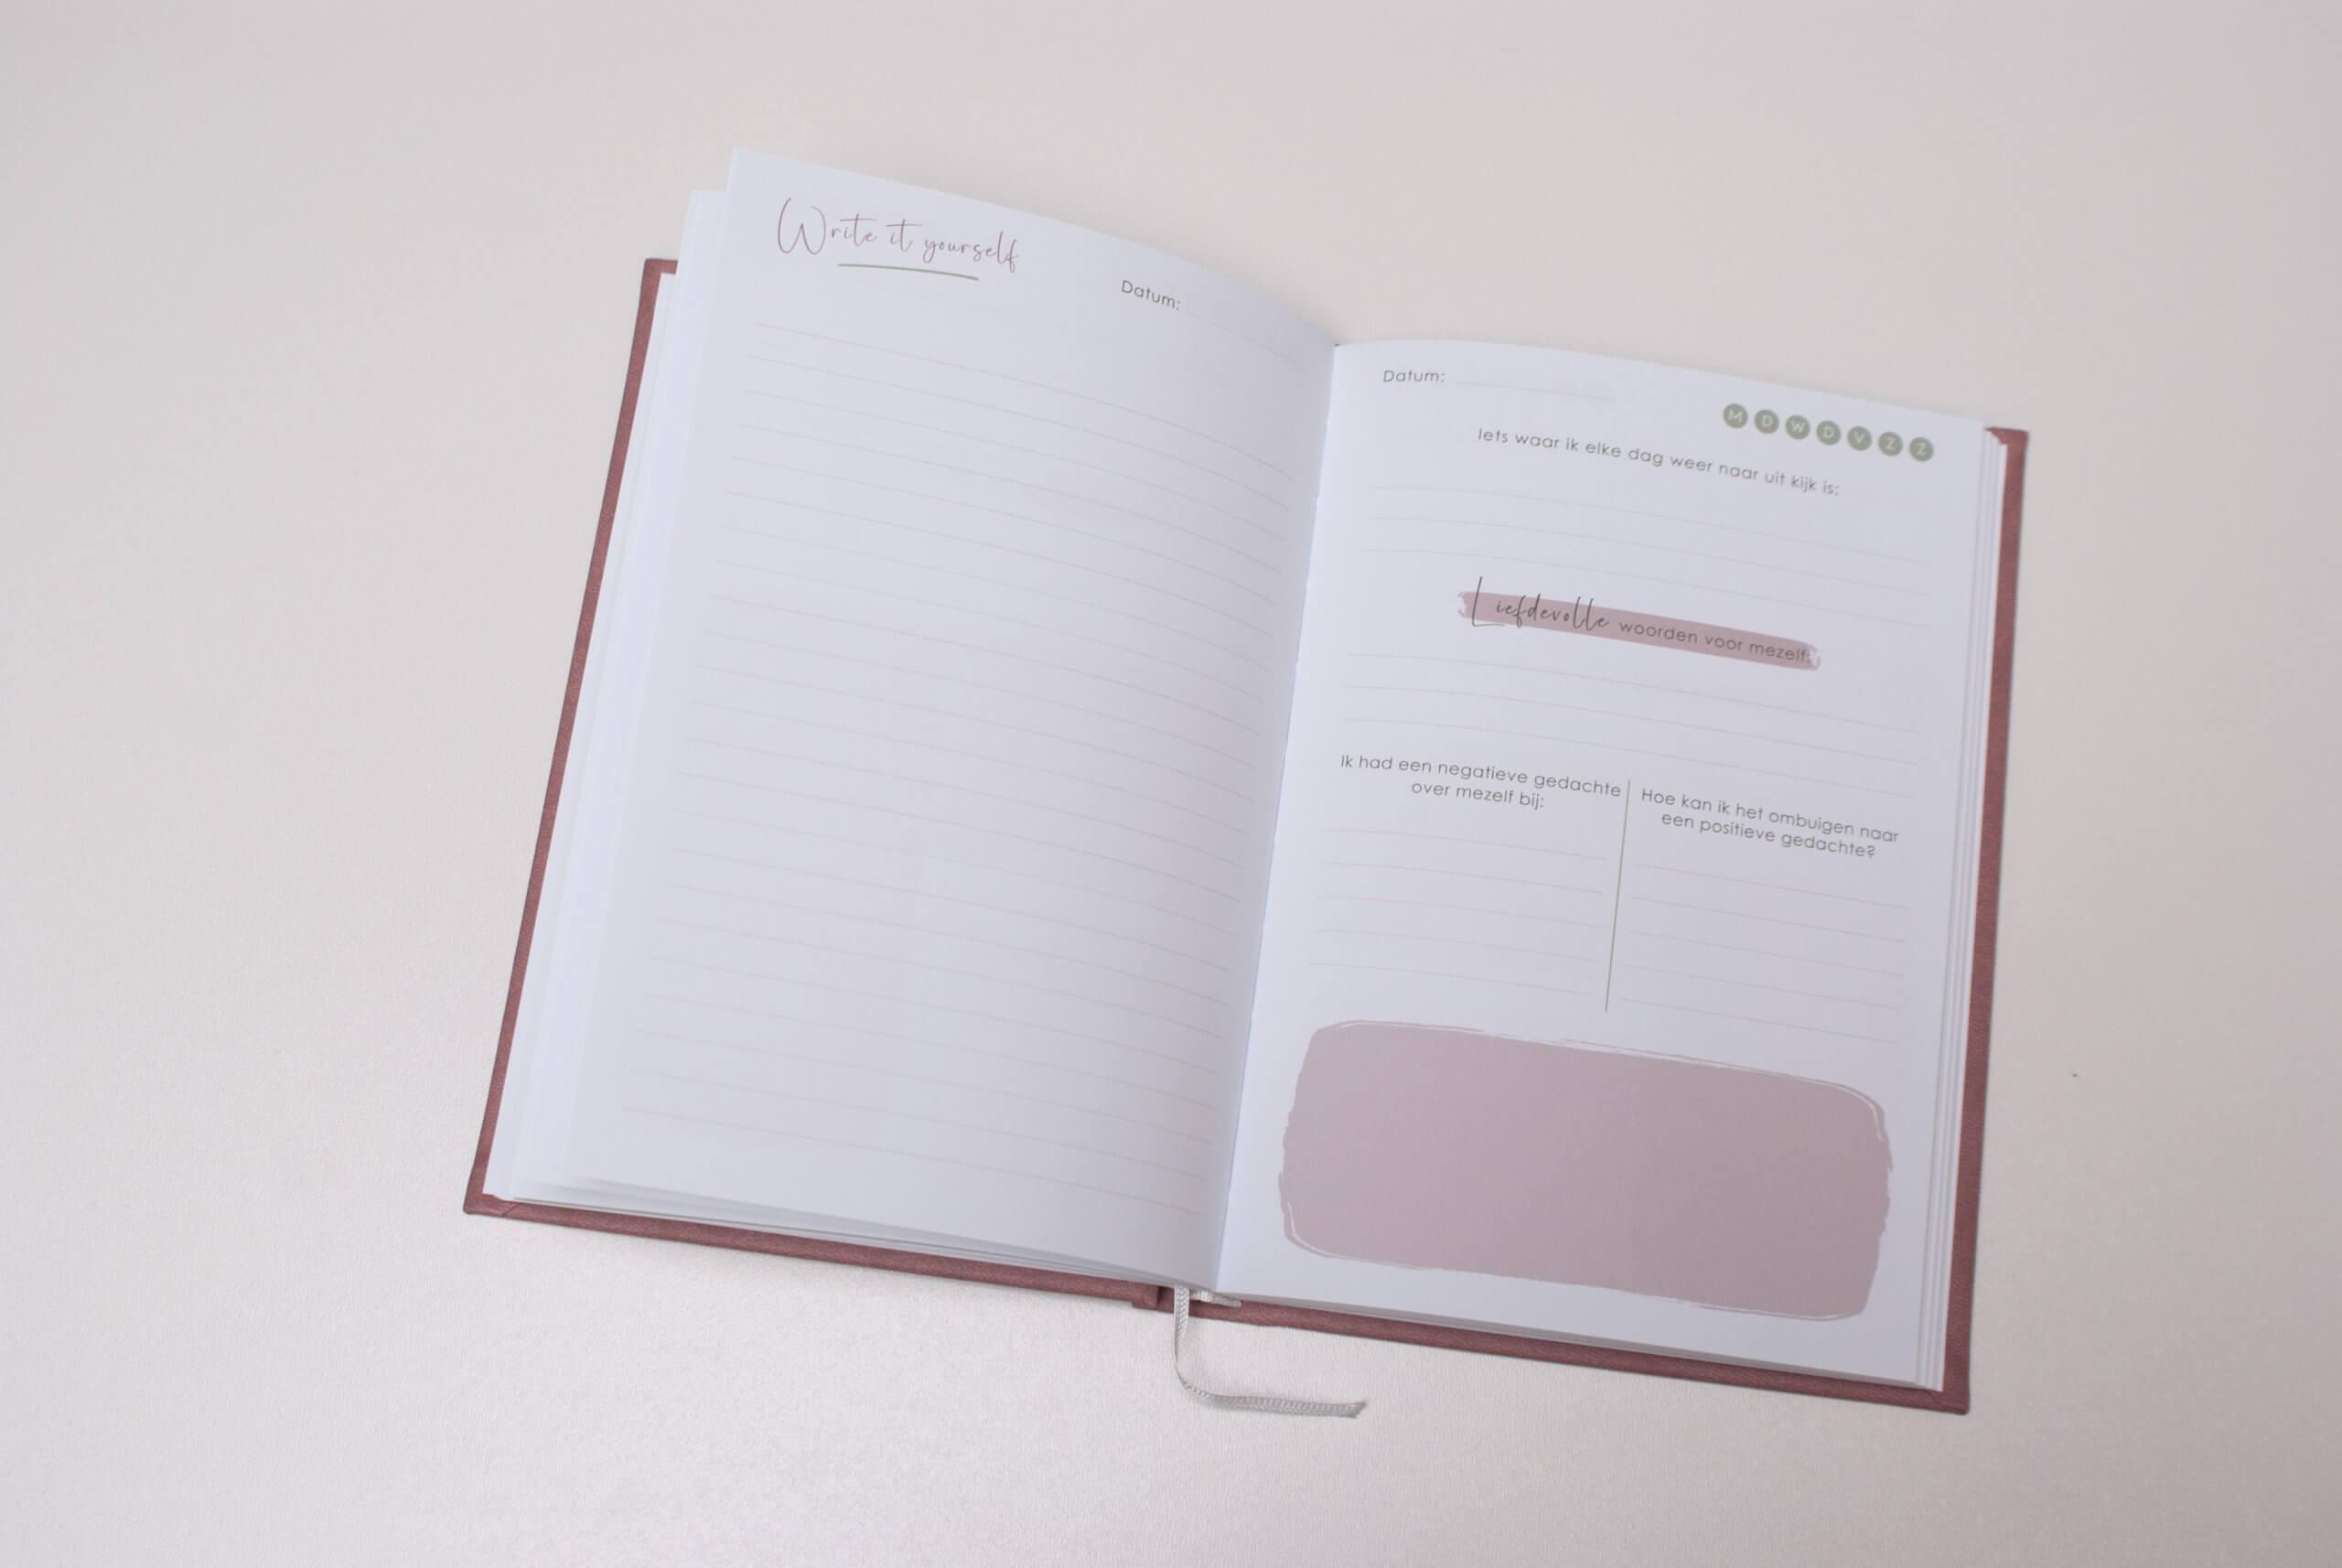 invuldagboek binnenkant